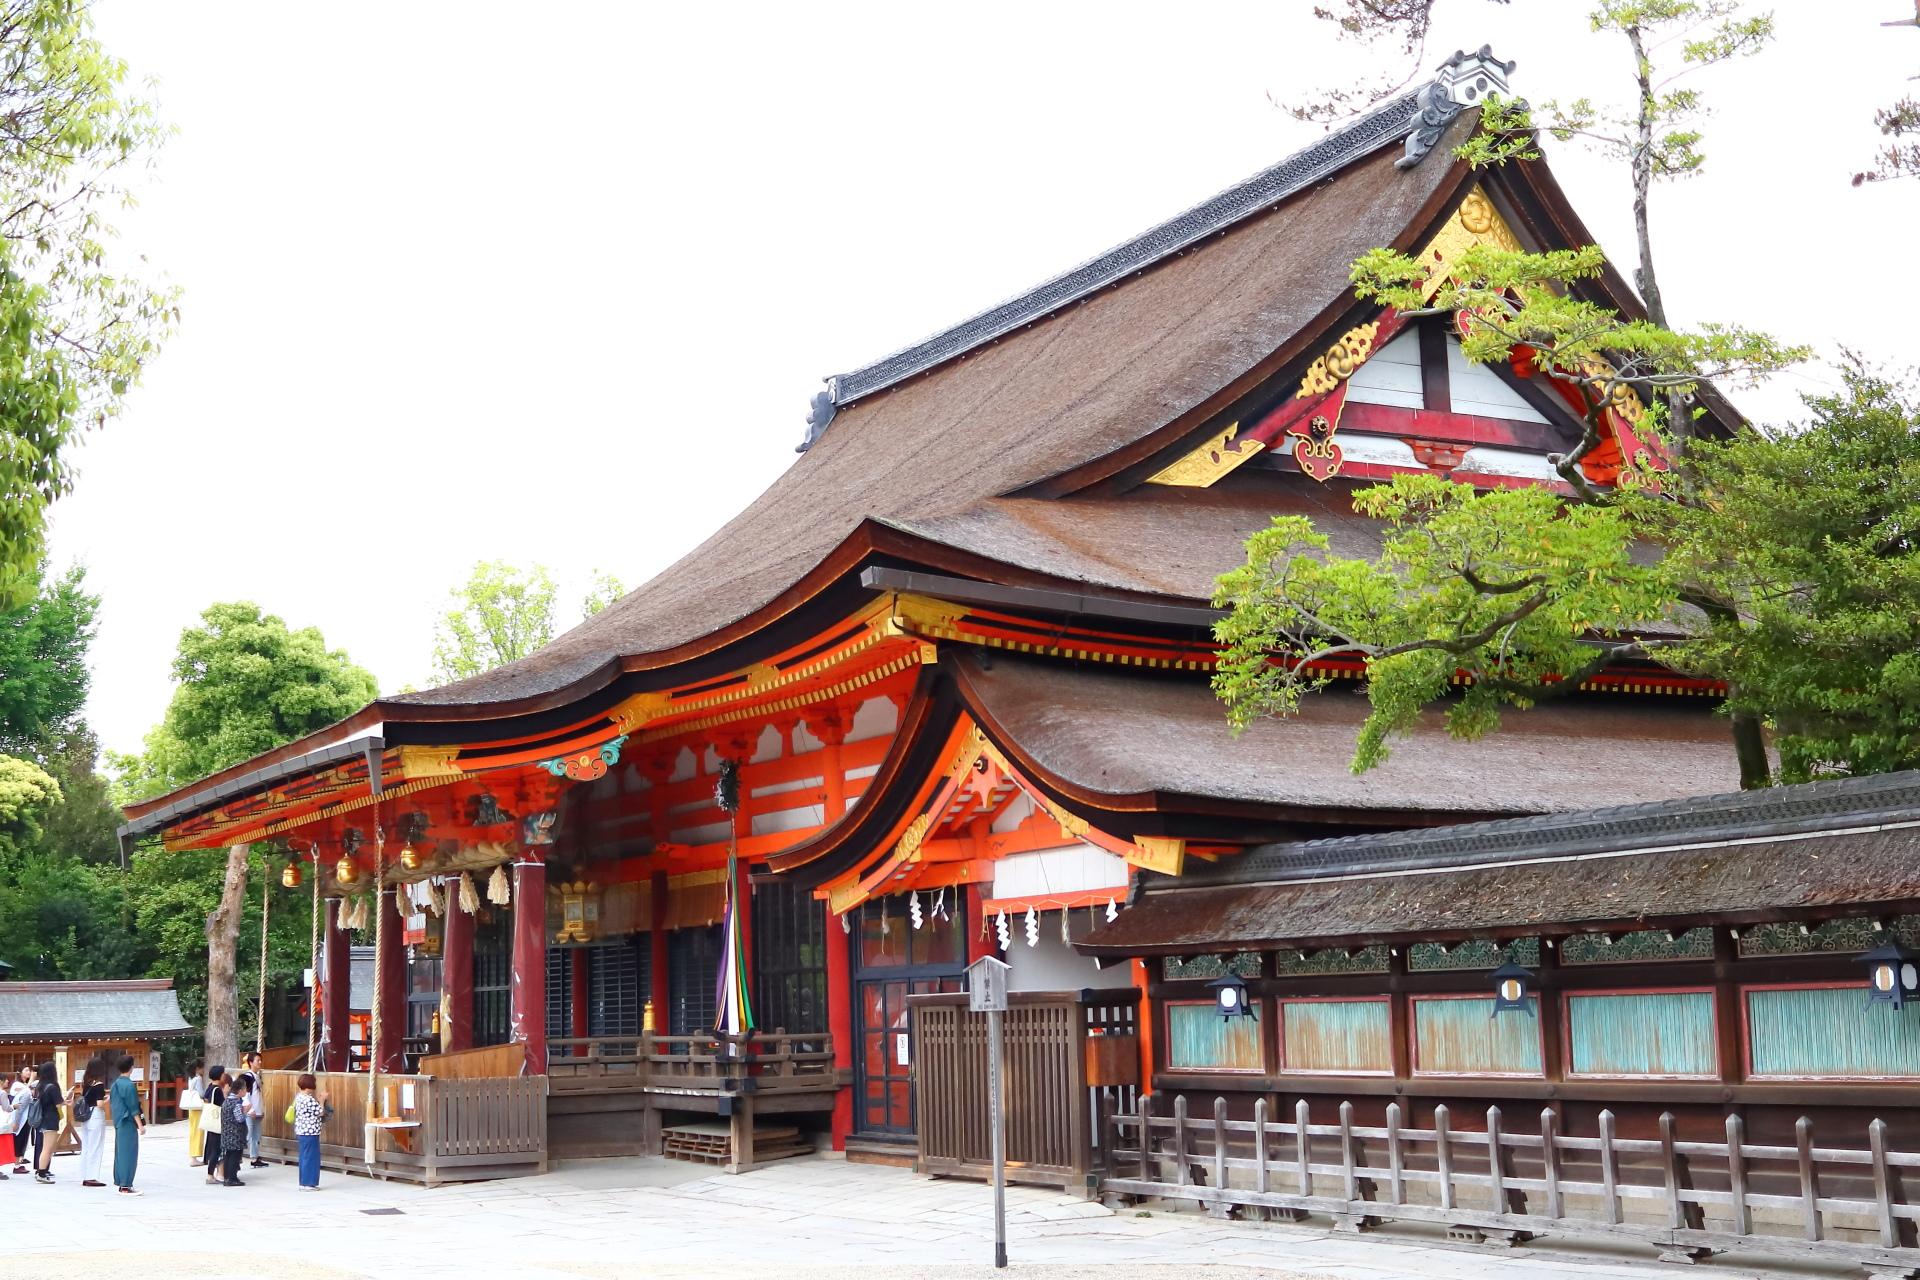 京都・東山 八坂神社(旧名 感神院または祇園社)本殿